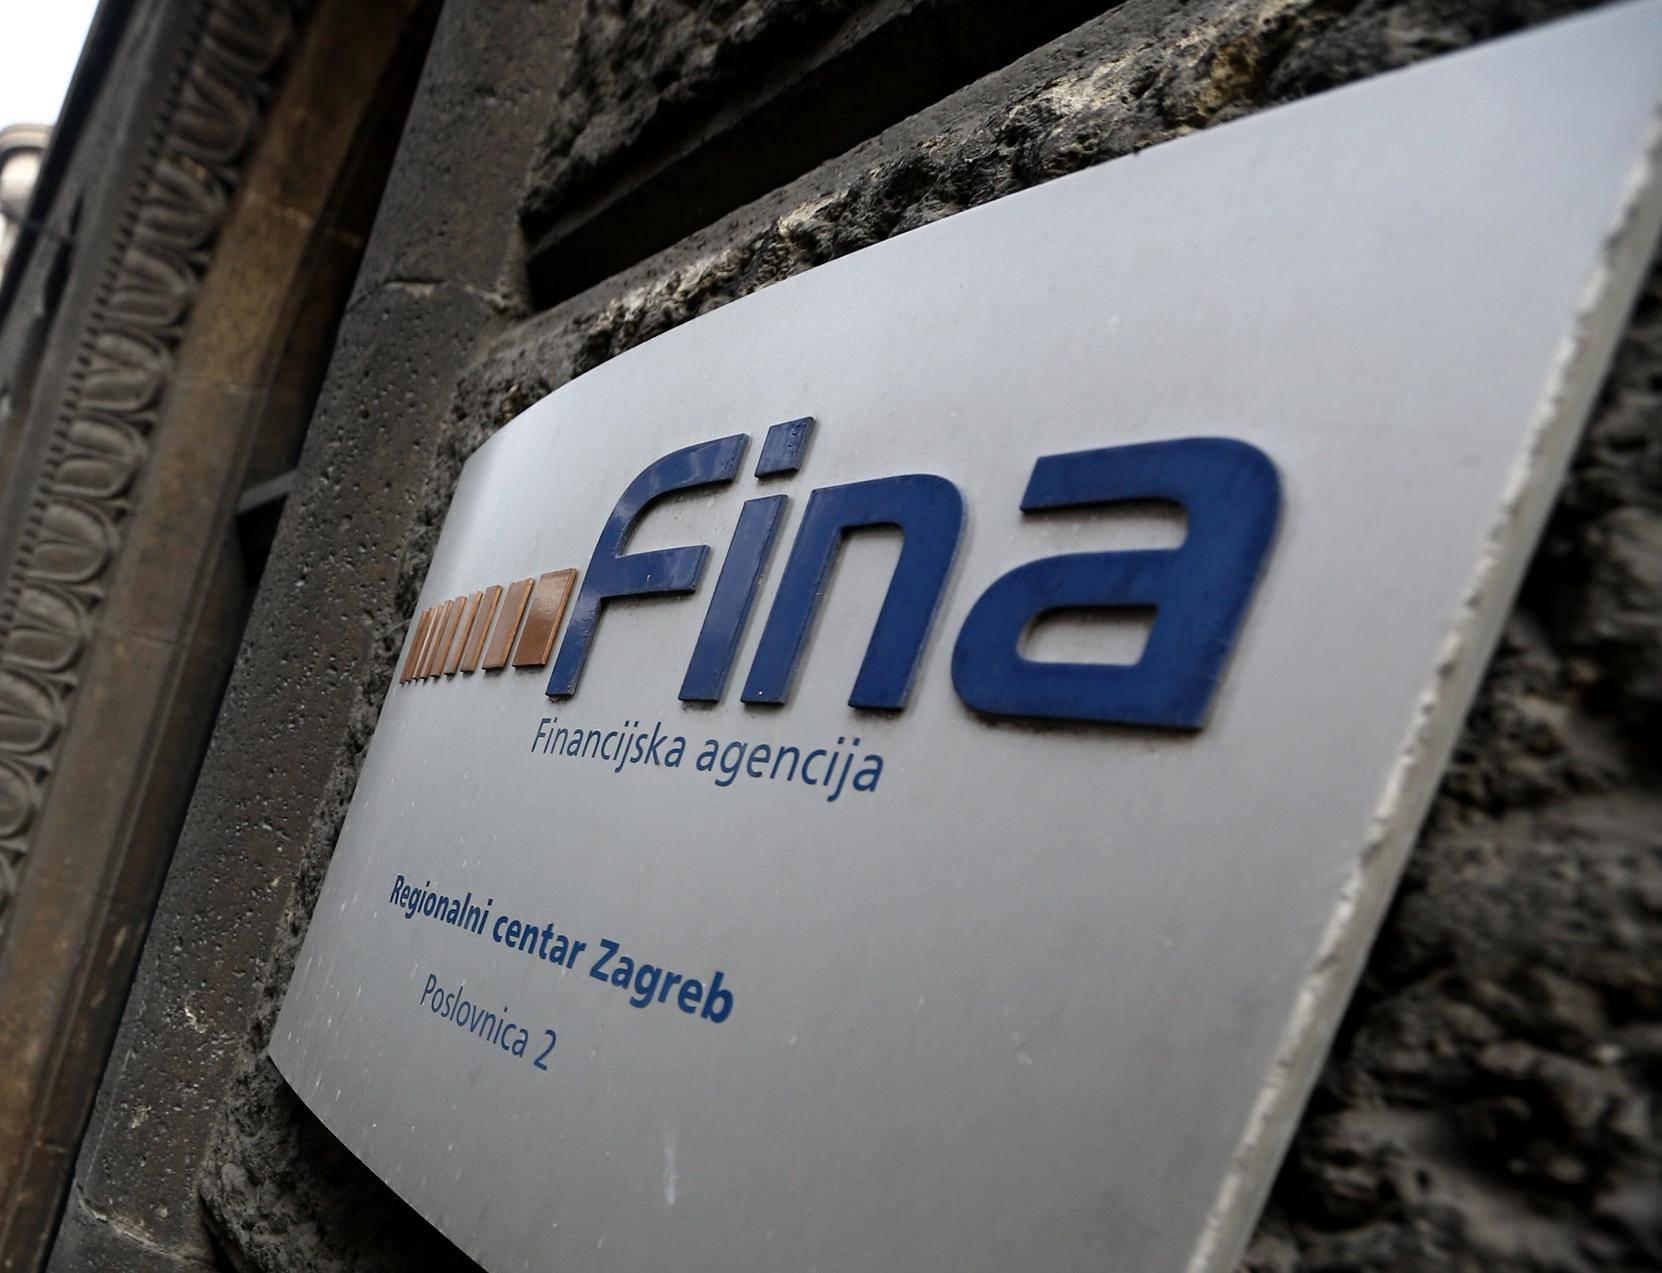 Fina: 'Putem e-dražbi prodano je 457 nekretnina i pokretnina'